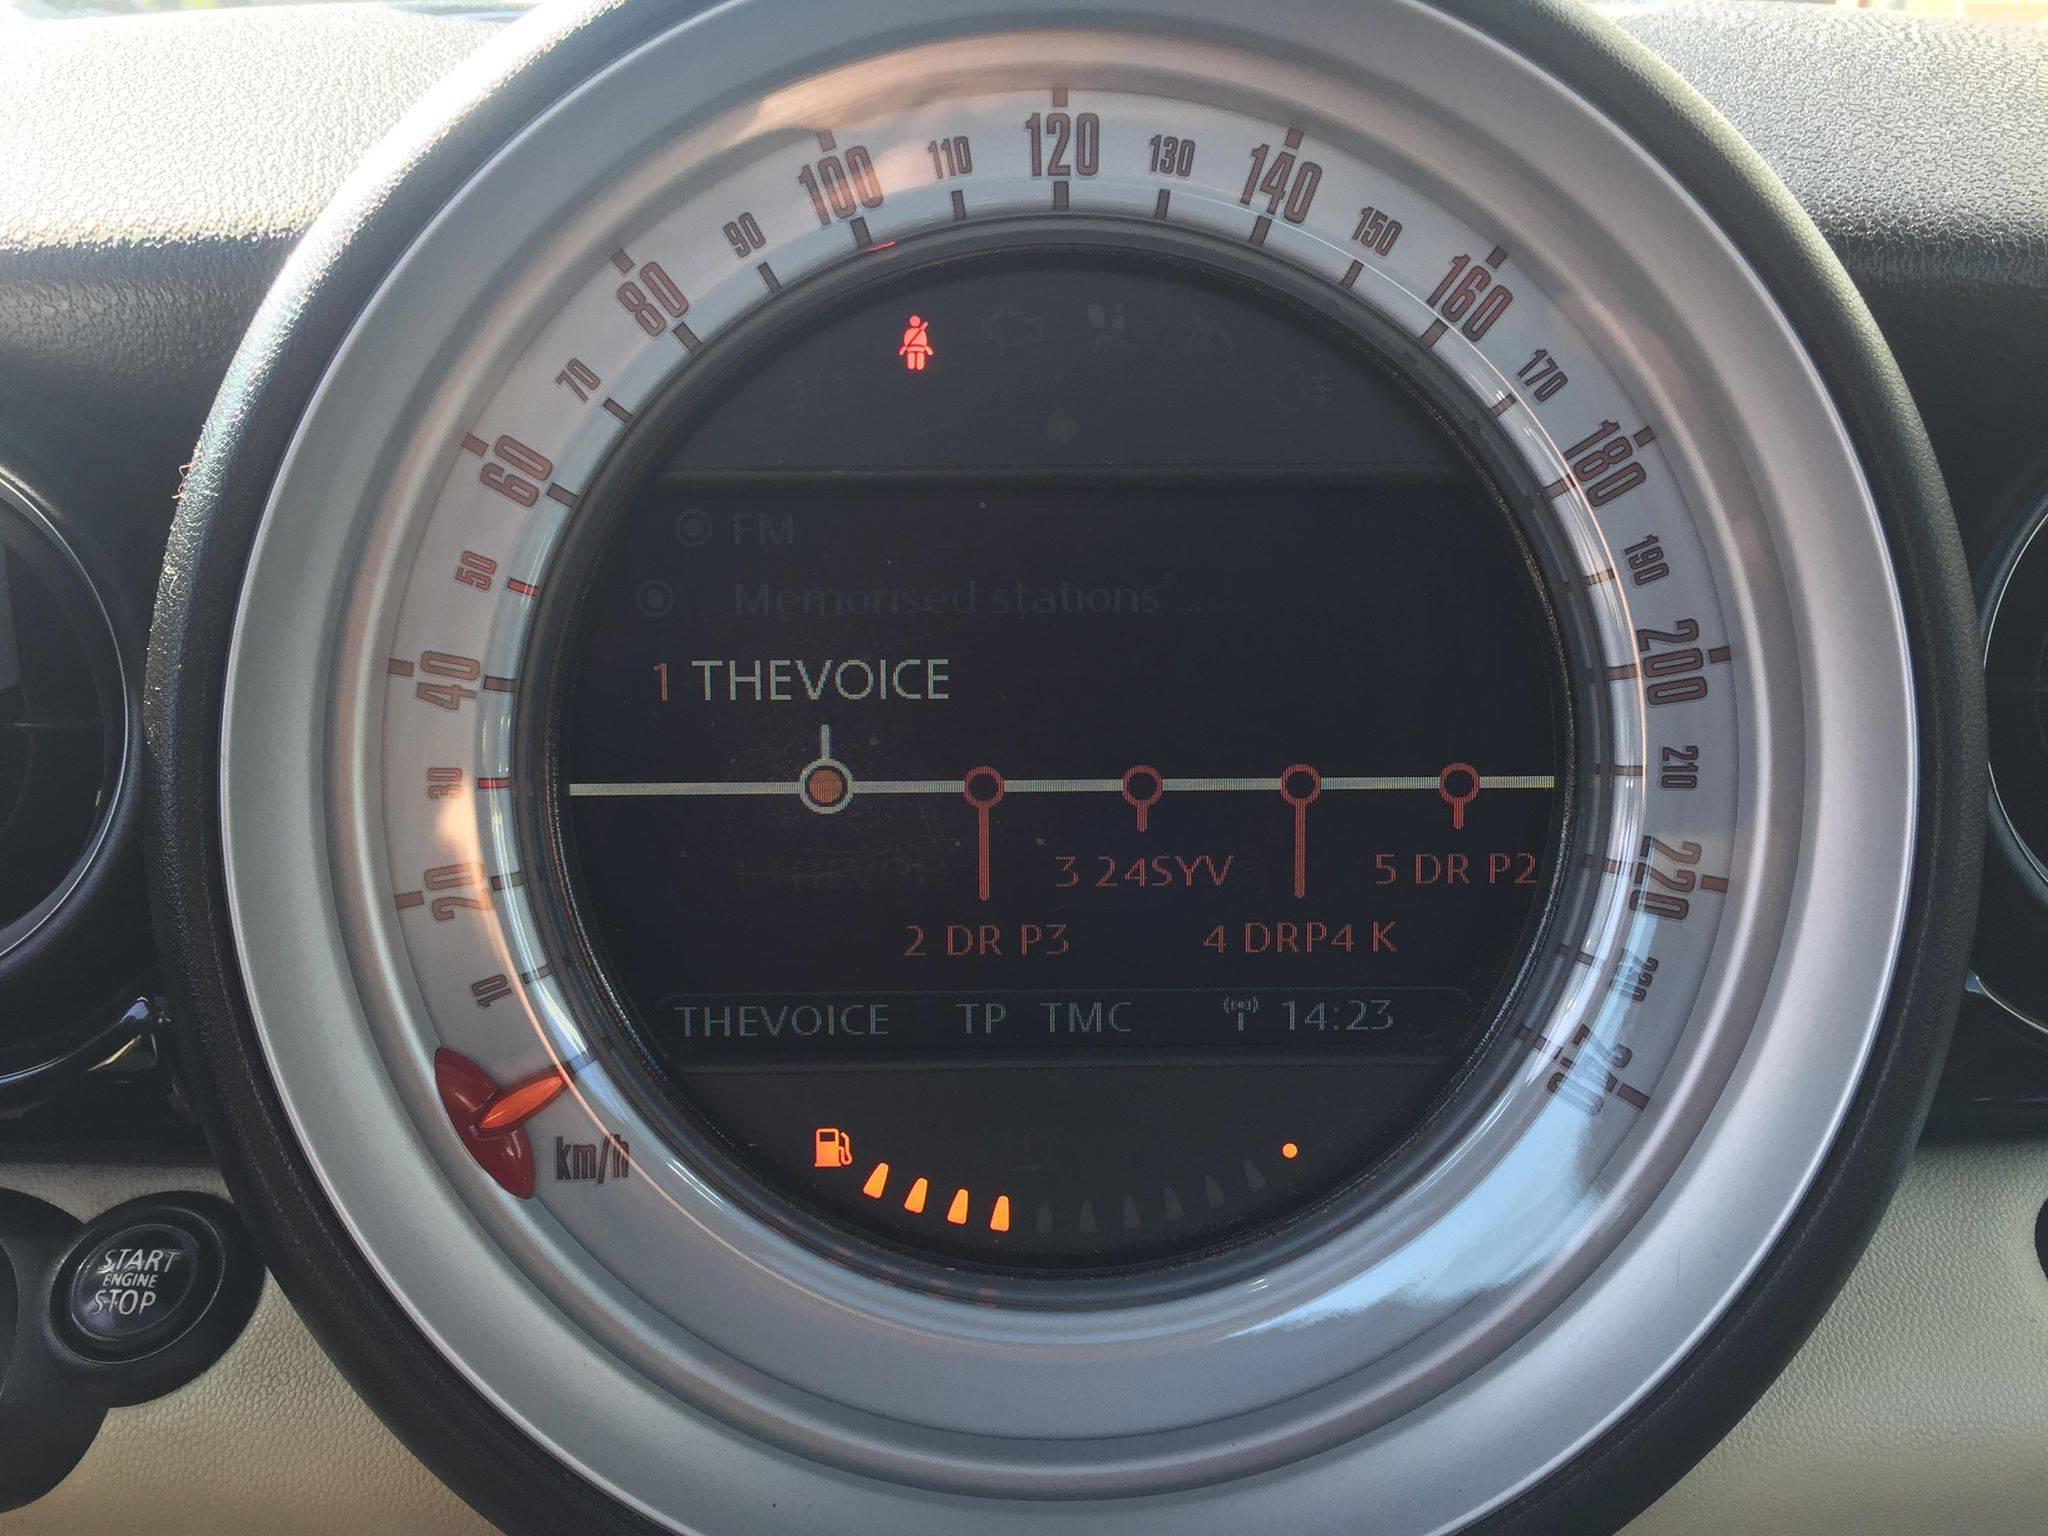 m13 - Mini Cooper S 1,6 175 3d